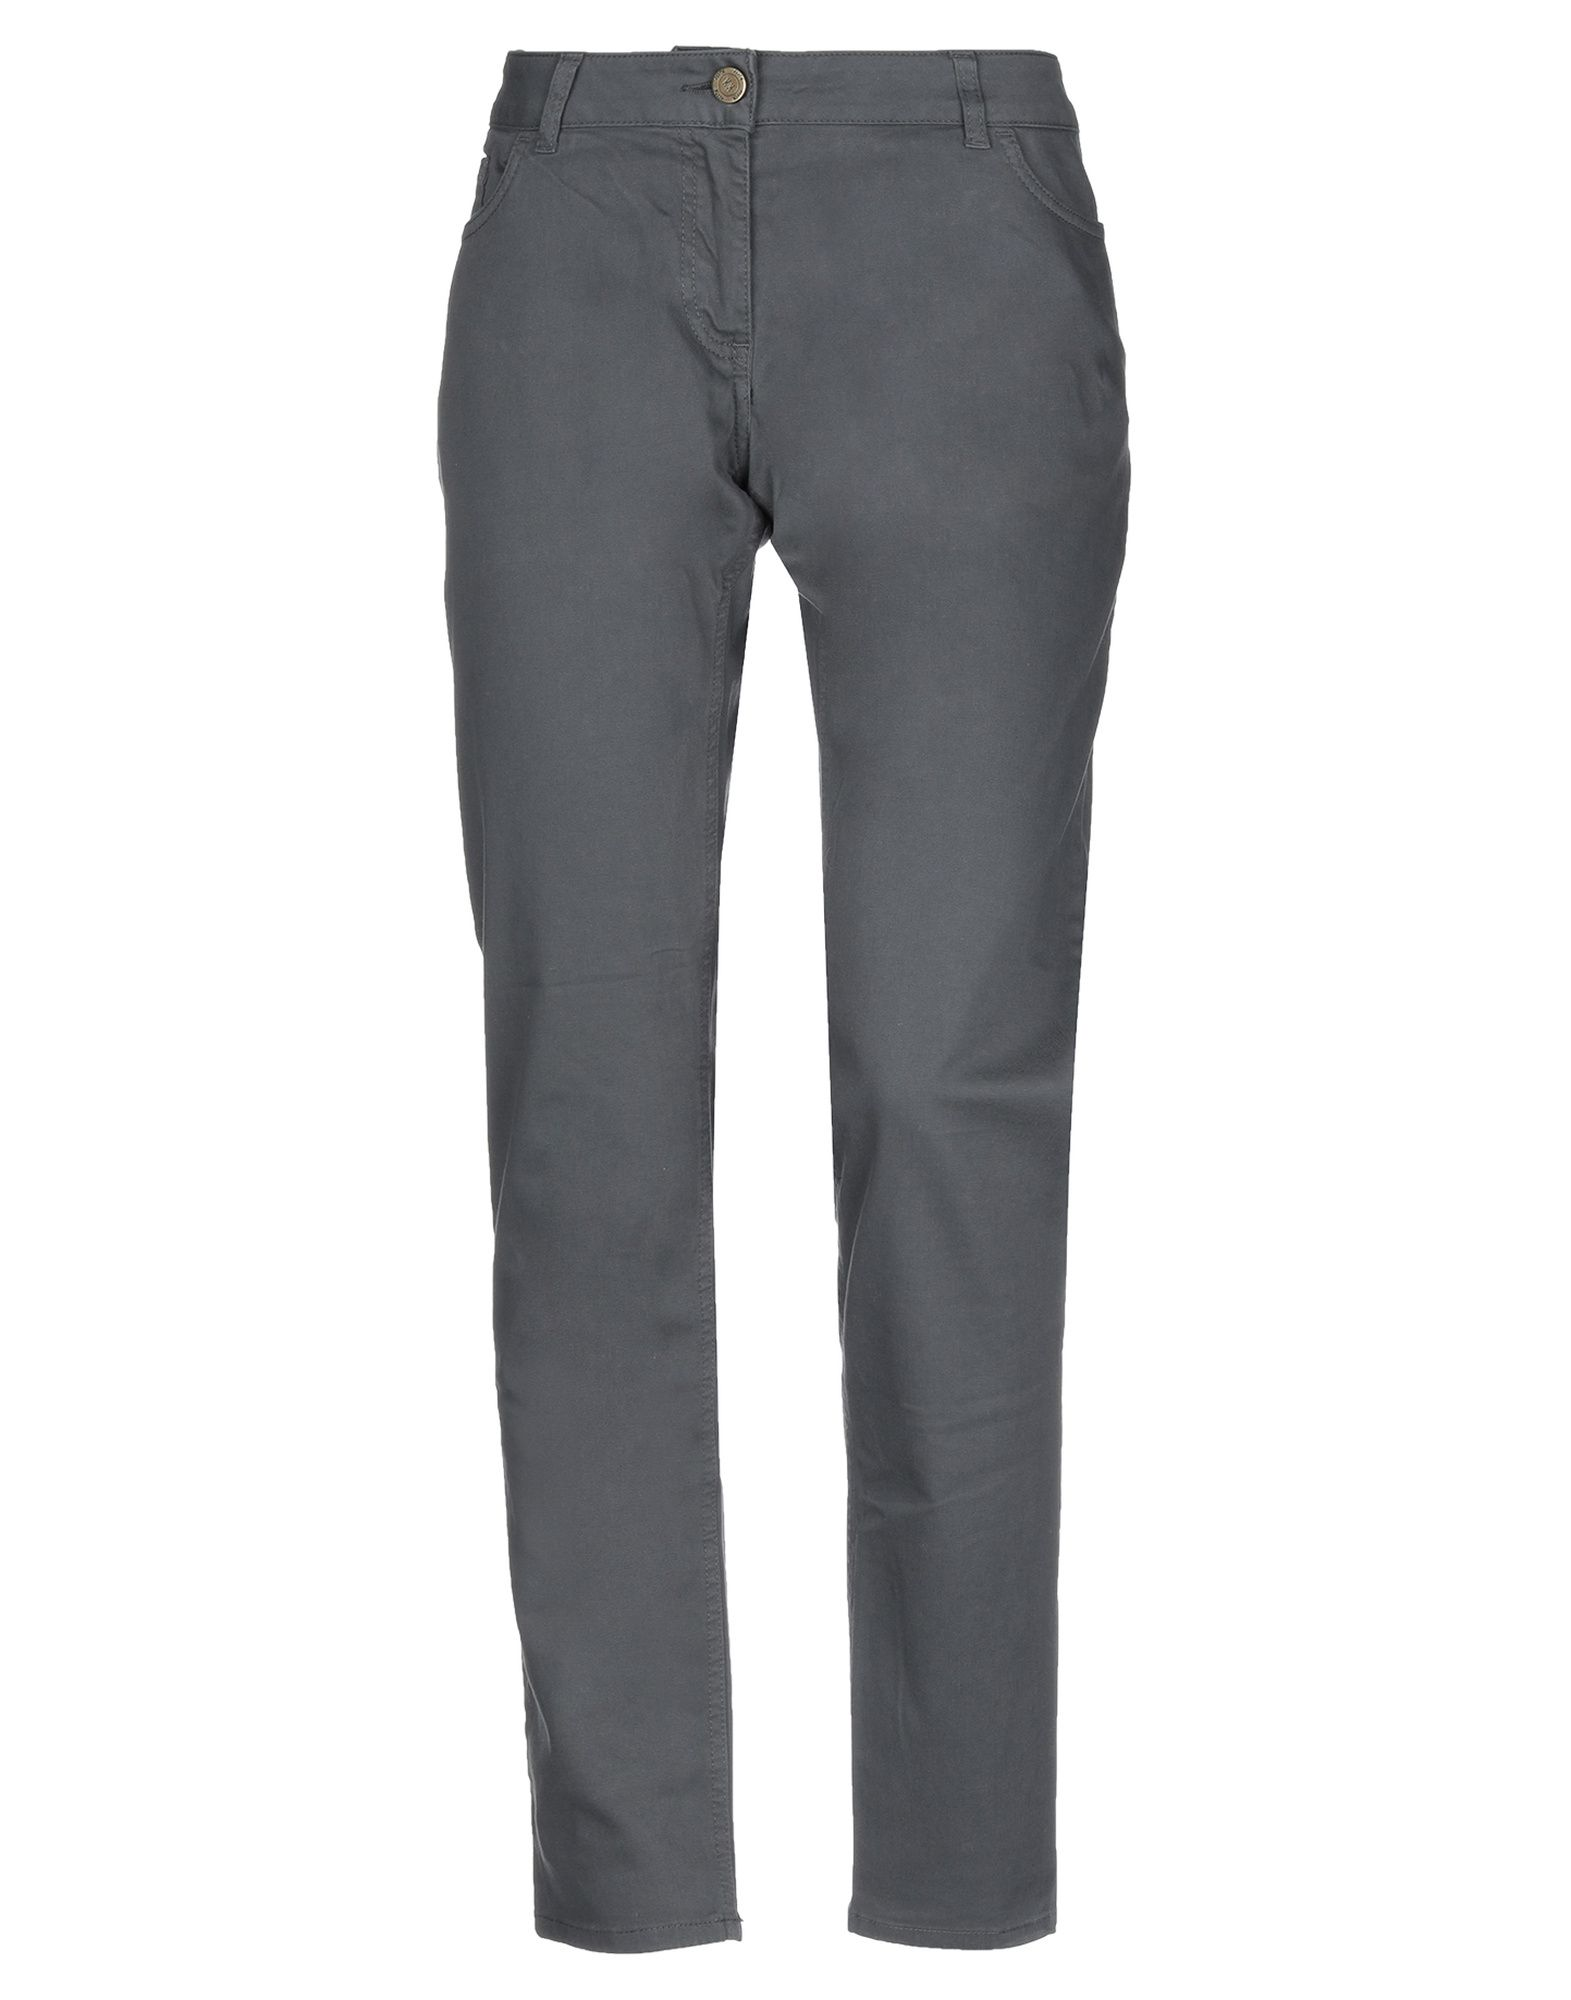 купить KITTE Повседневные брюки по цене 1250 рублей